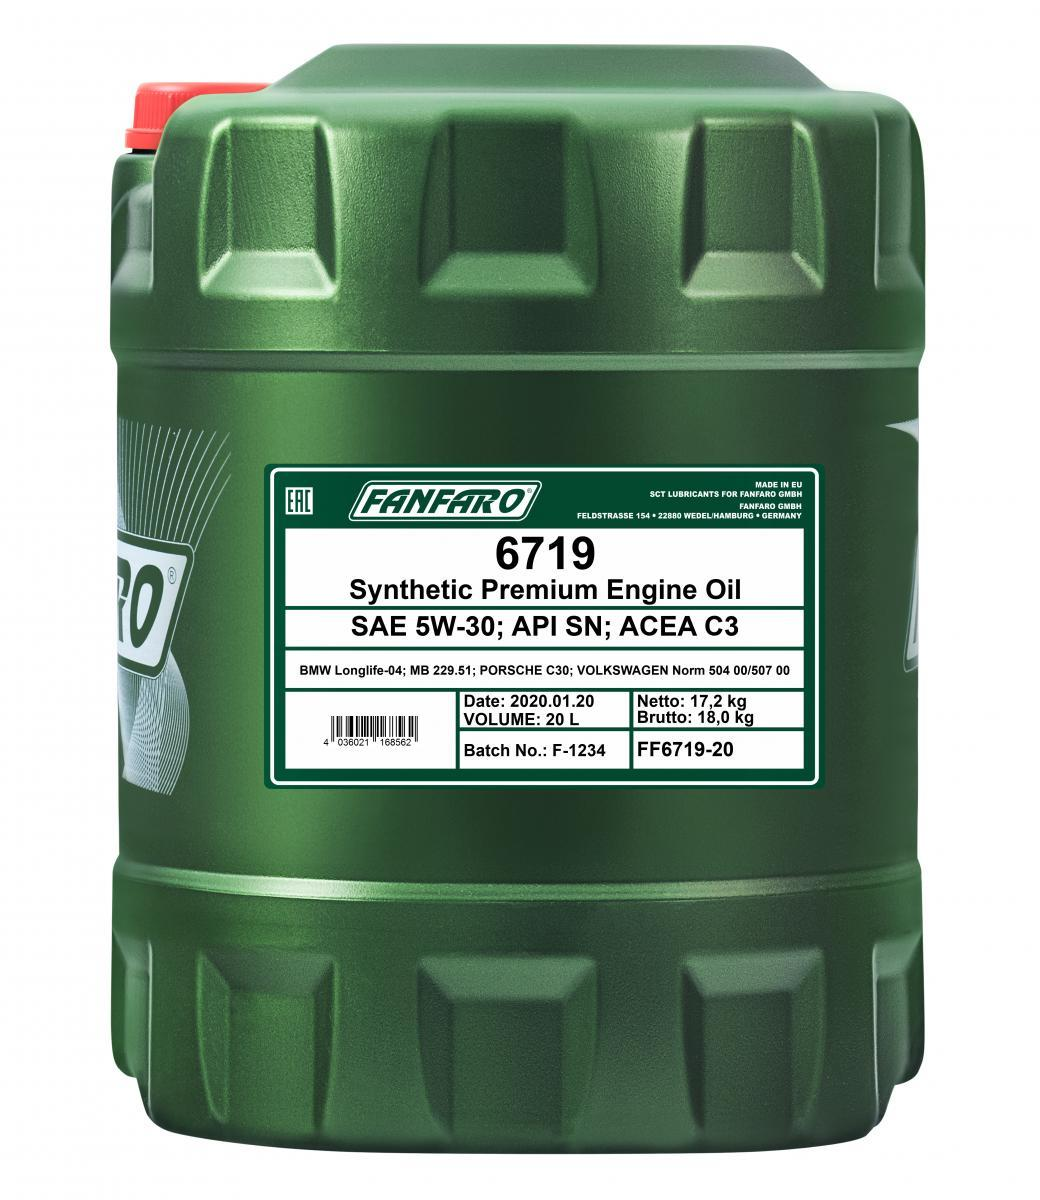 Compre FANFARO Óleo do motor FF6719-20 caminhonete